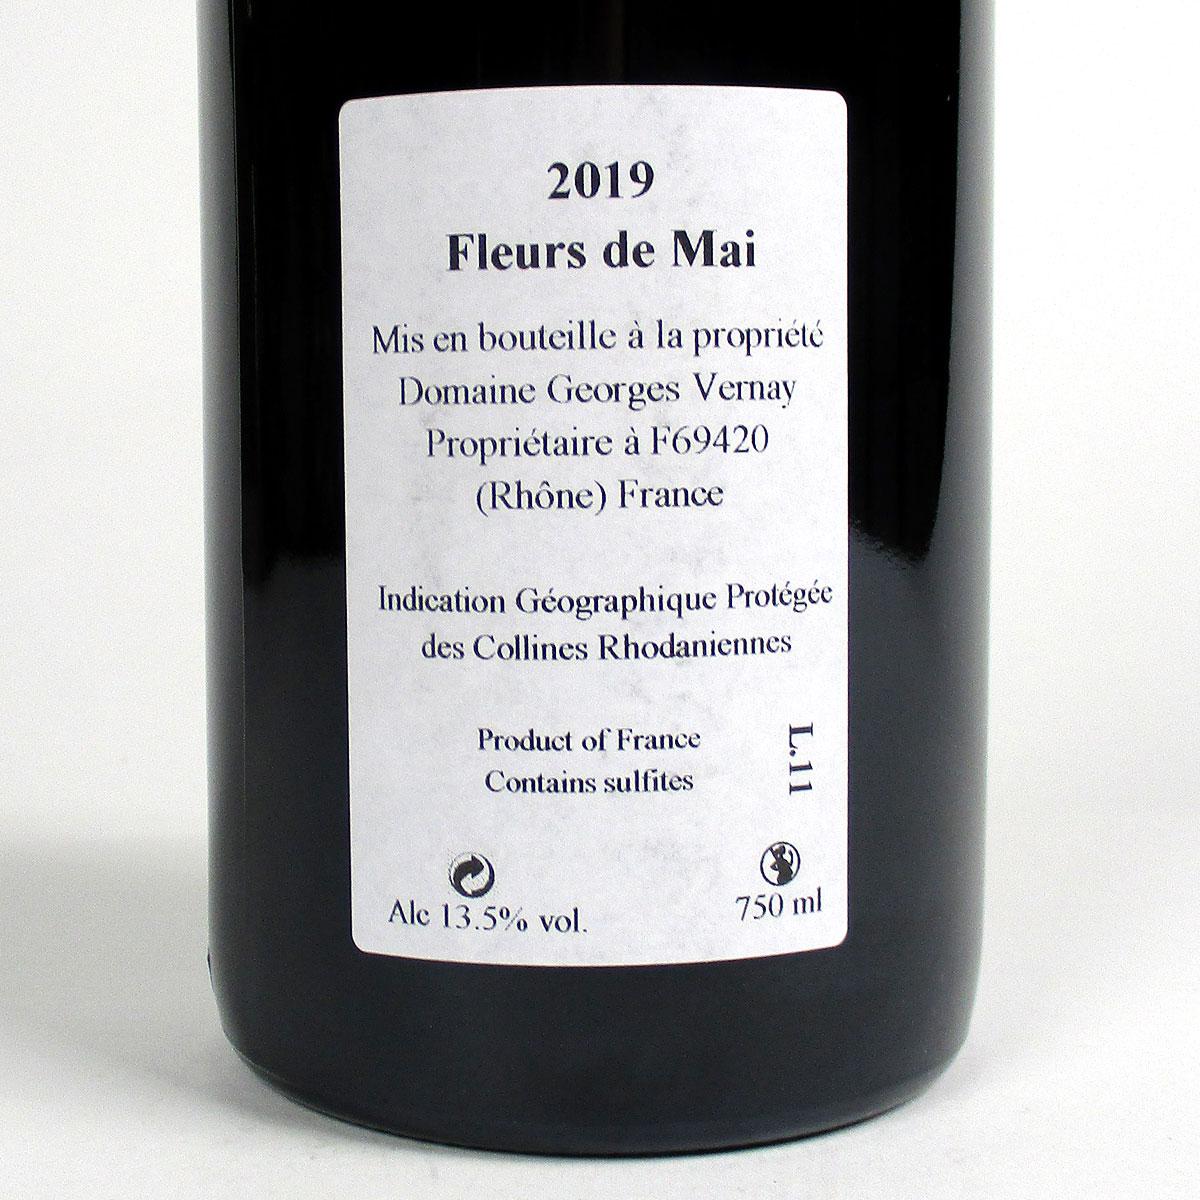 Collines Rhodaniennes: Domaine Georges Vernay 'Fleurs de Mai' Syrah 2019 - Bottle rear Label